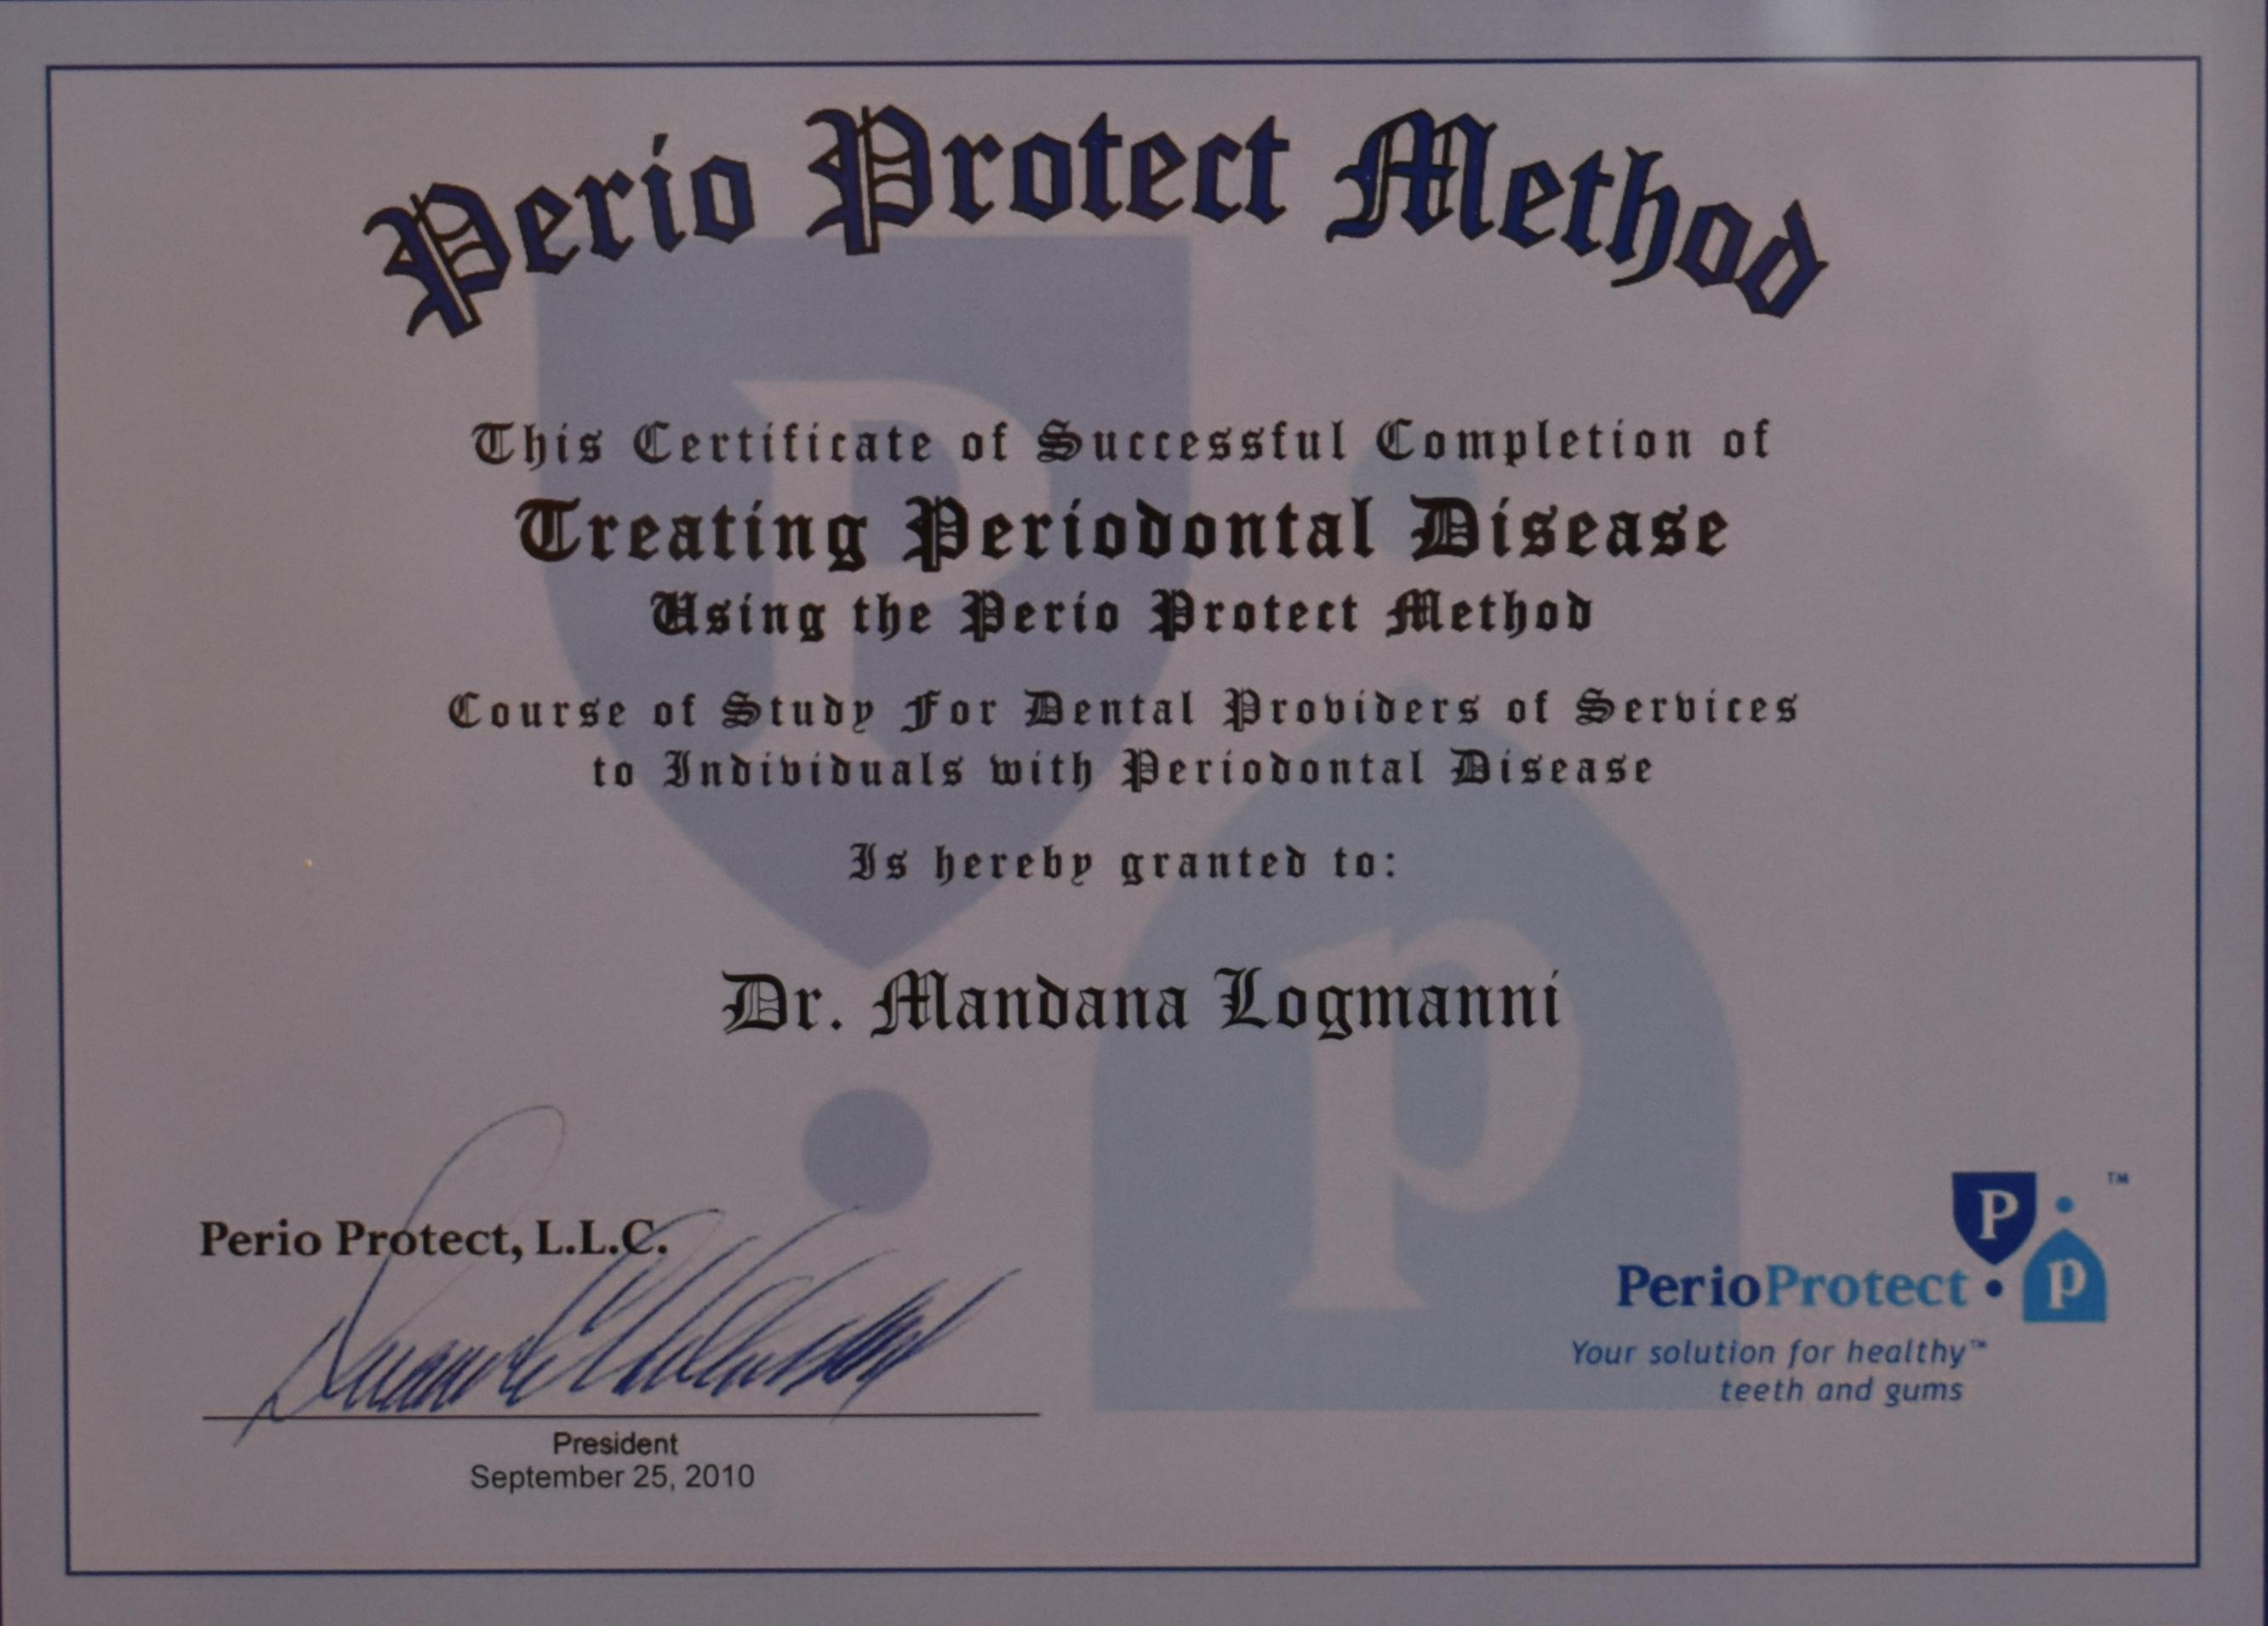 Perio Protect Methos